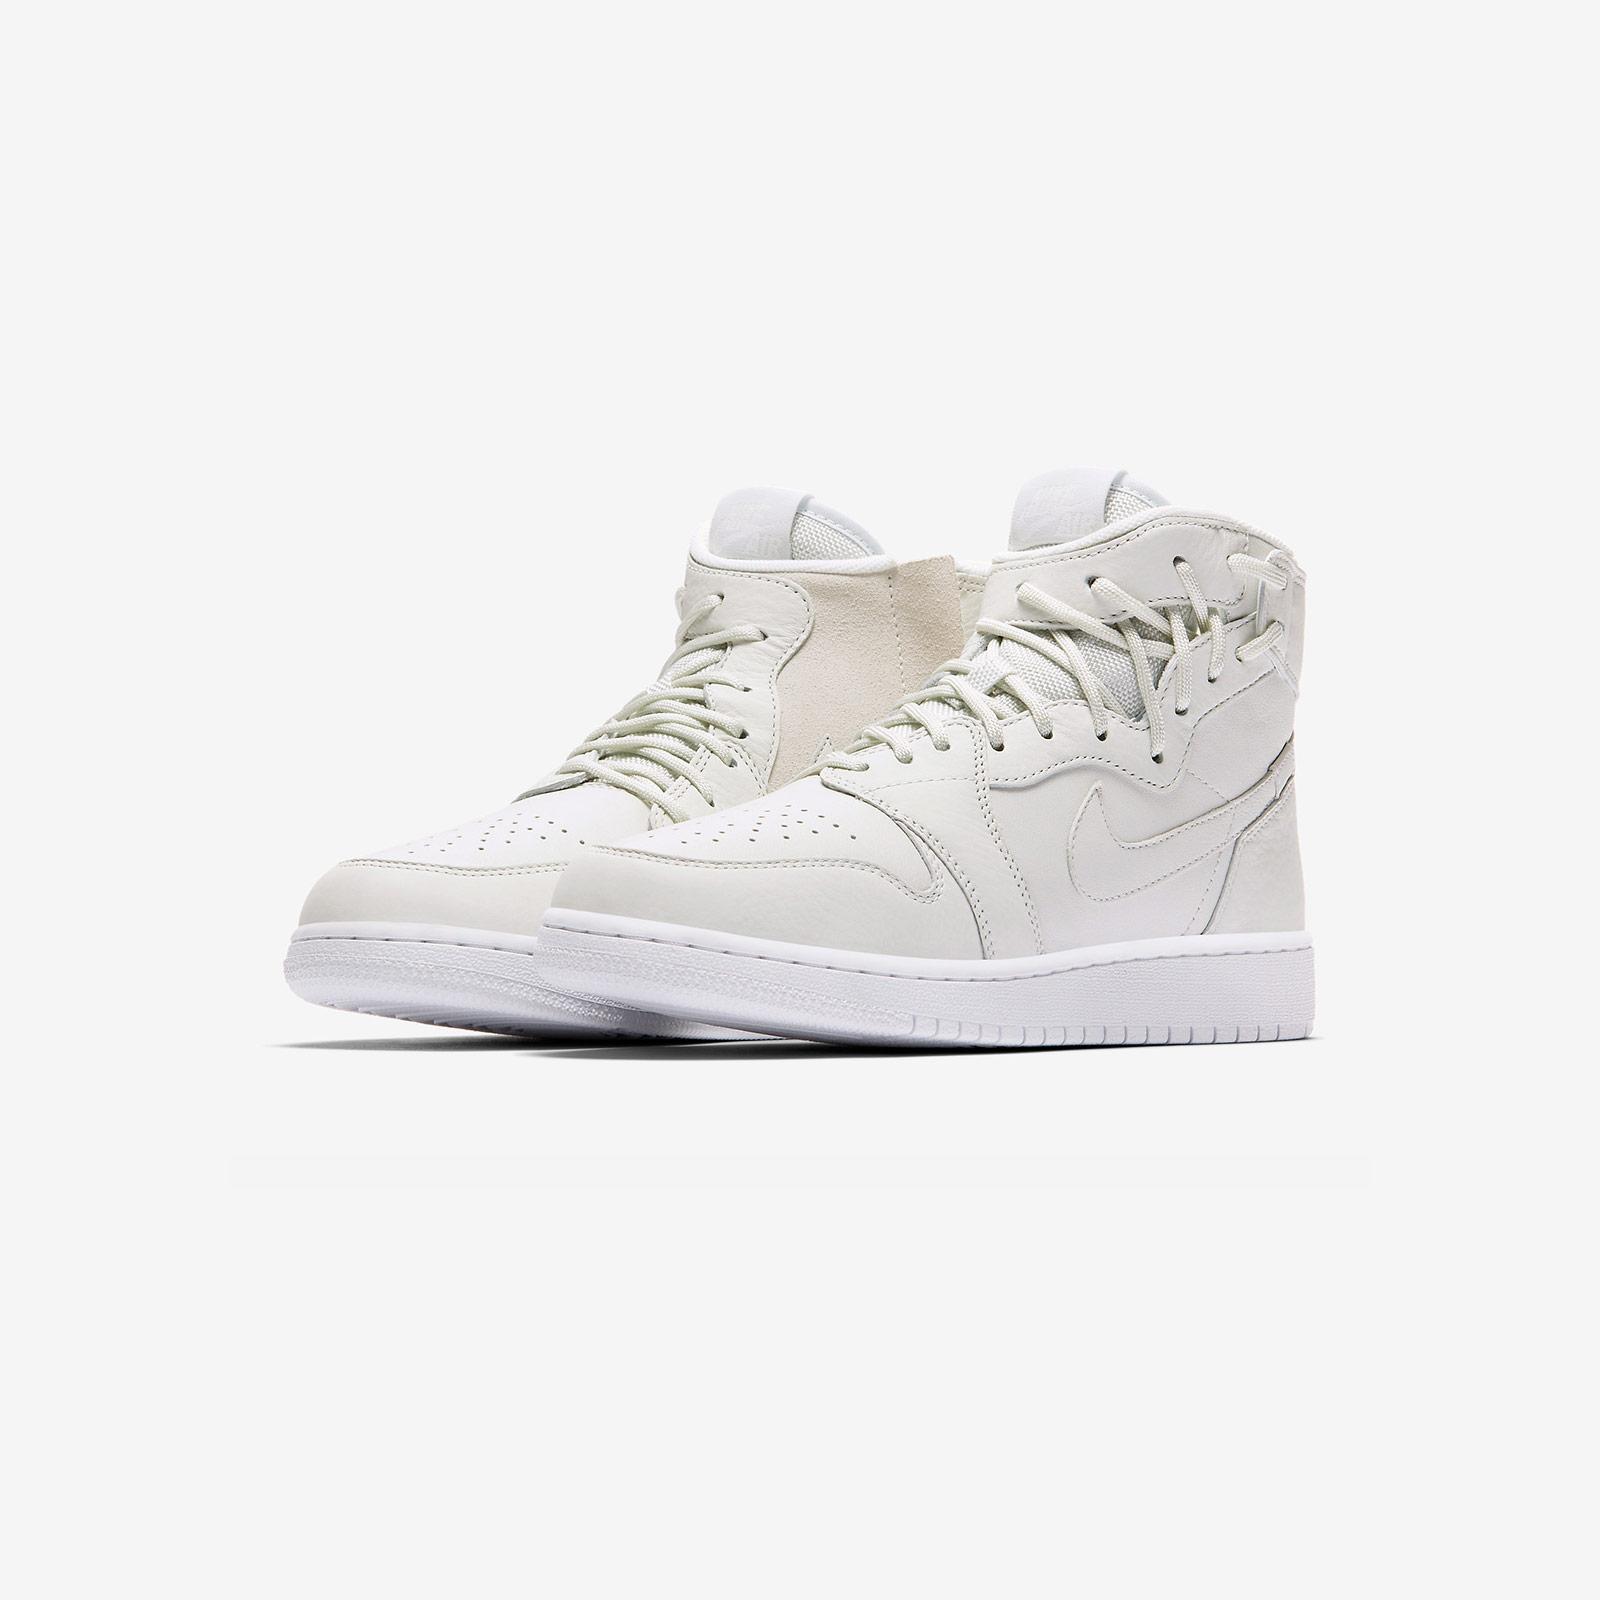 finest selection dac8c 5f0d3 Jordan Brand Air Jordan 1 Wmns Rebel XX THE 1, REIMAGINED